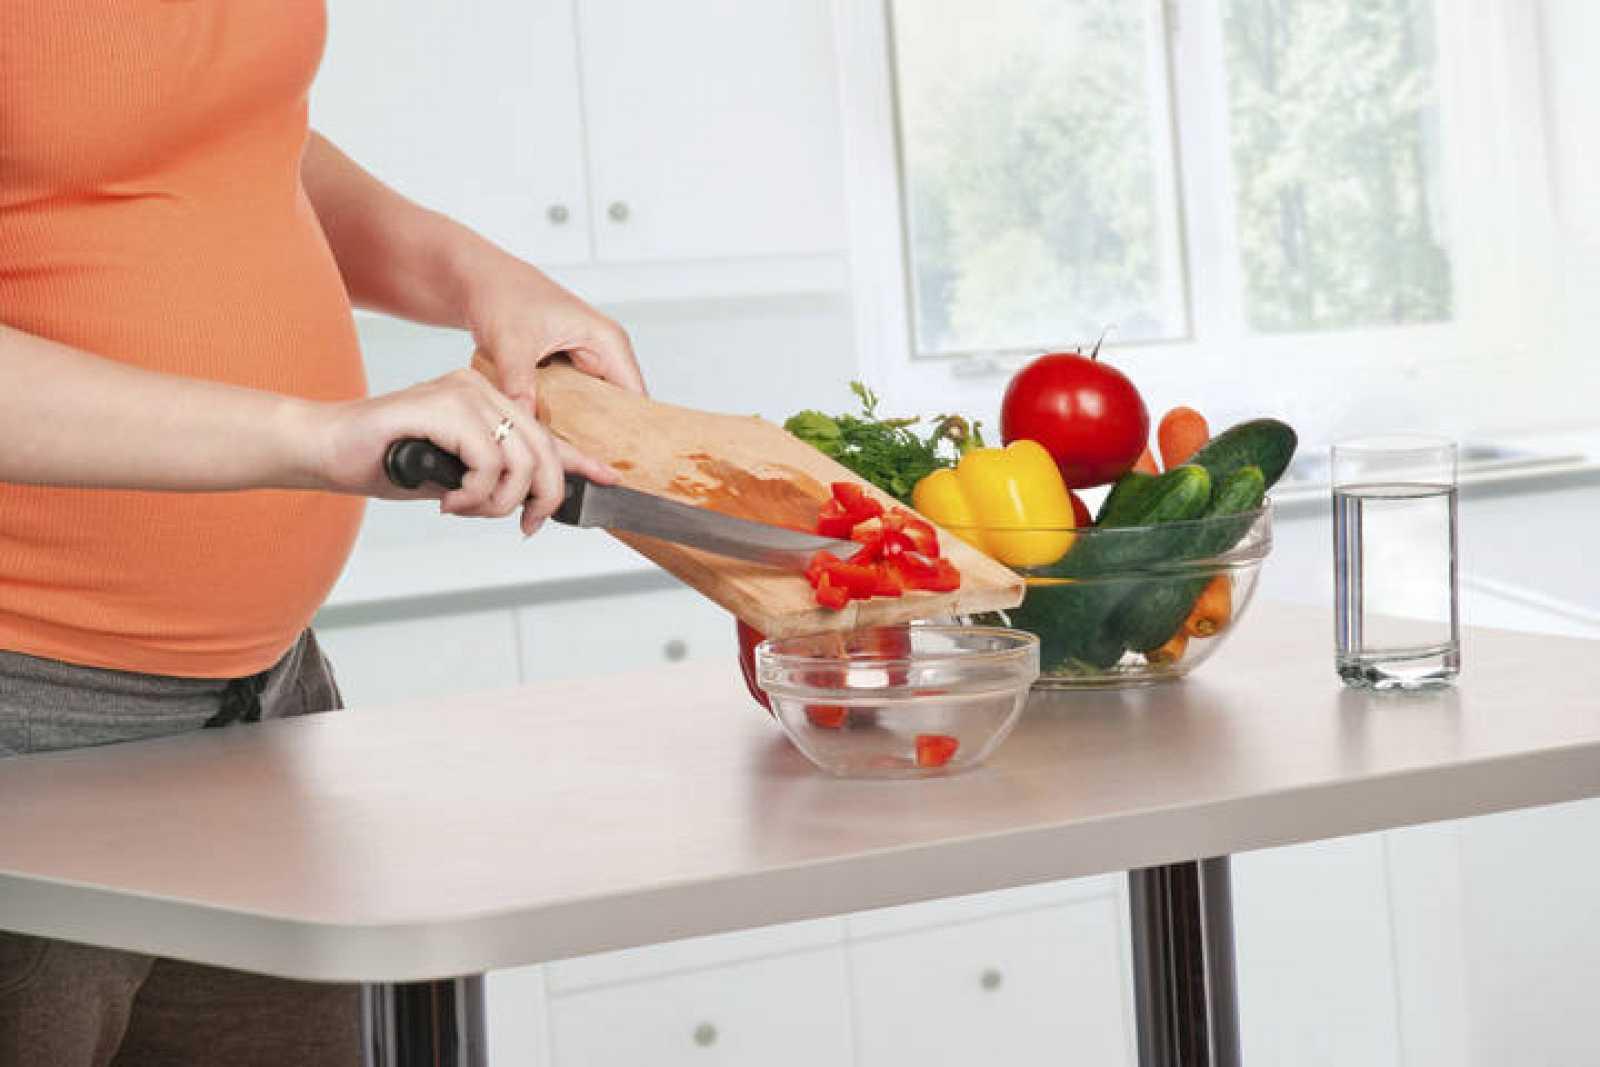 Mujer embarazada cocinando verduras.